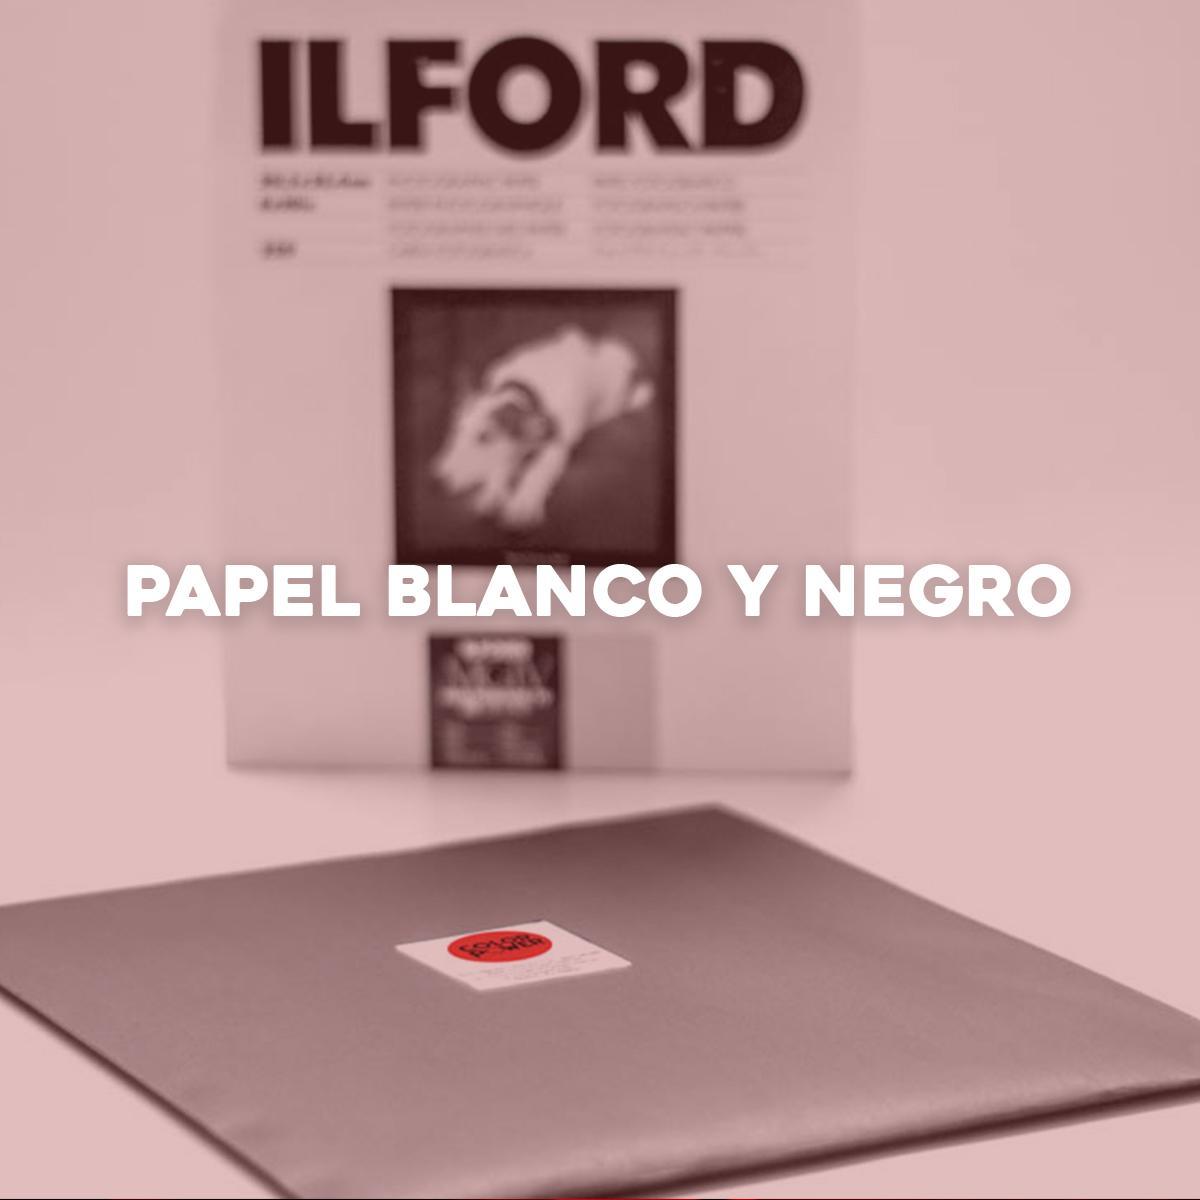 paper de blanc i negre